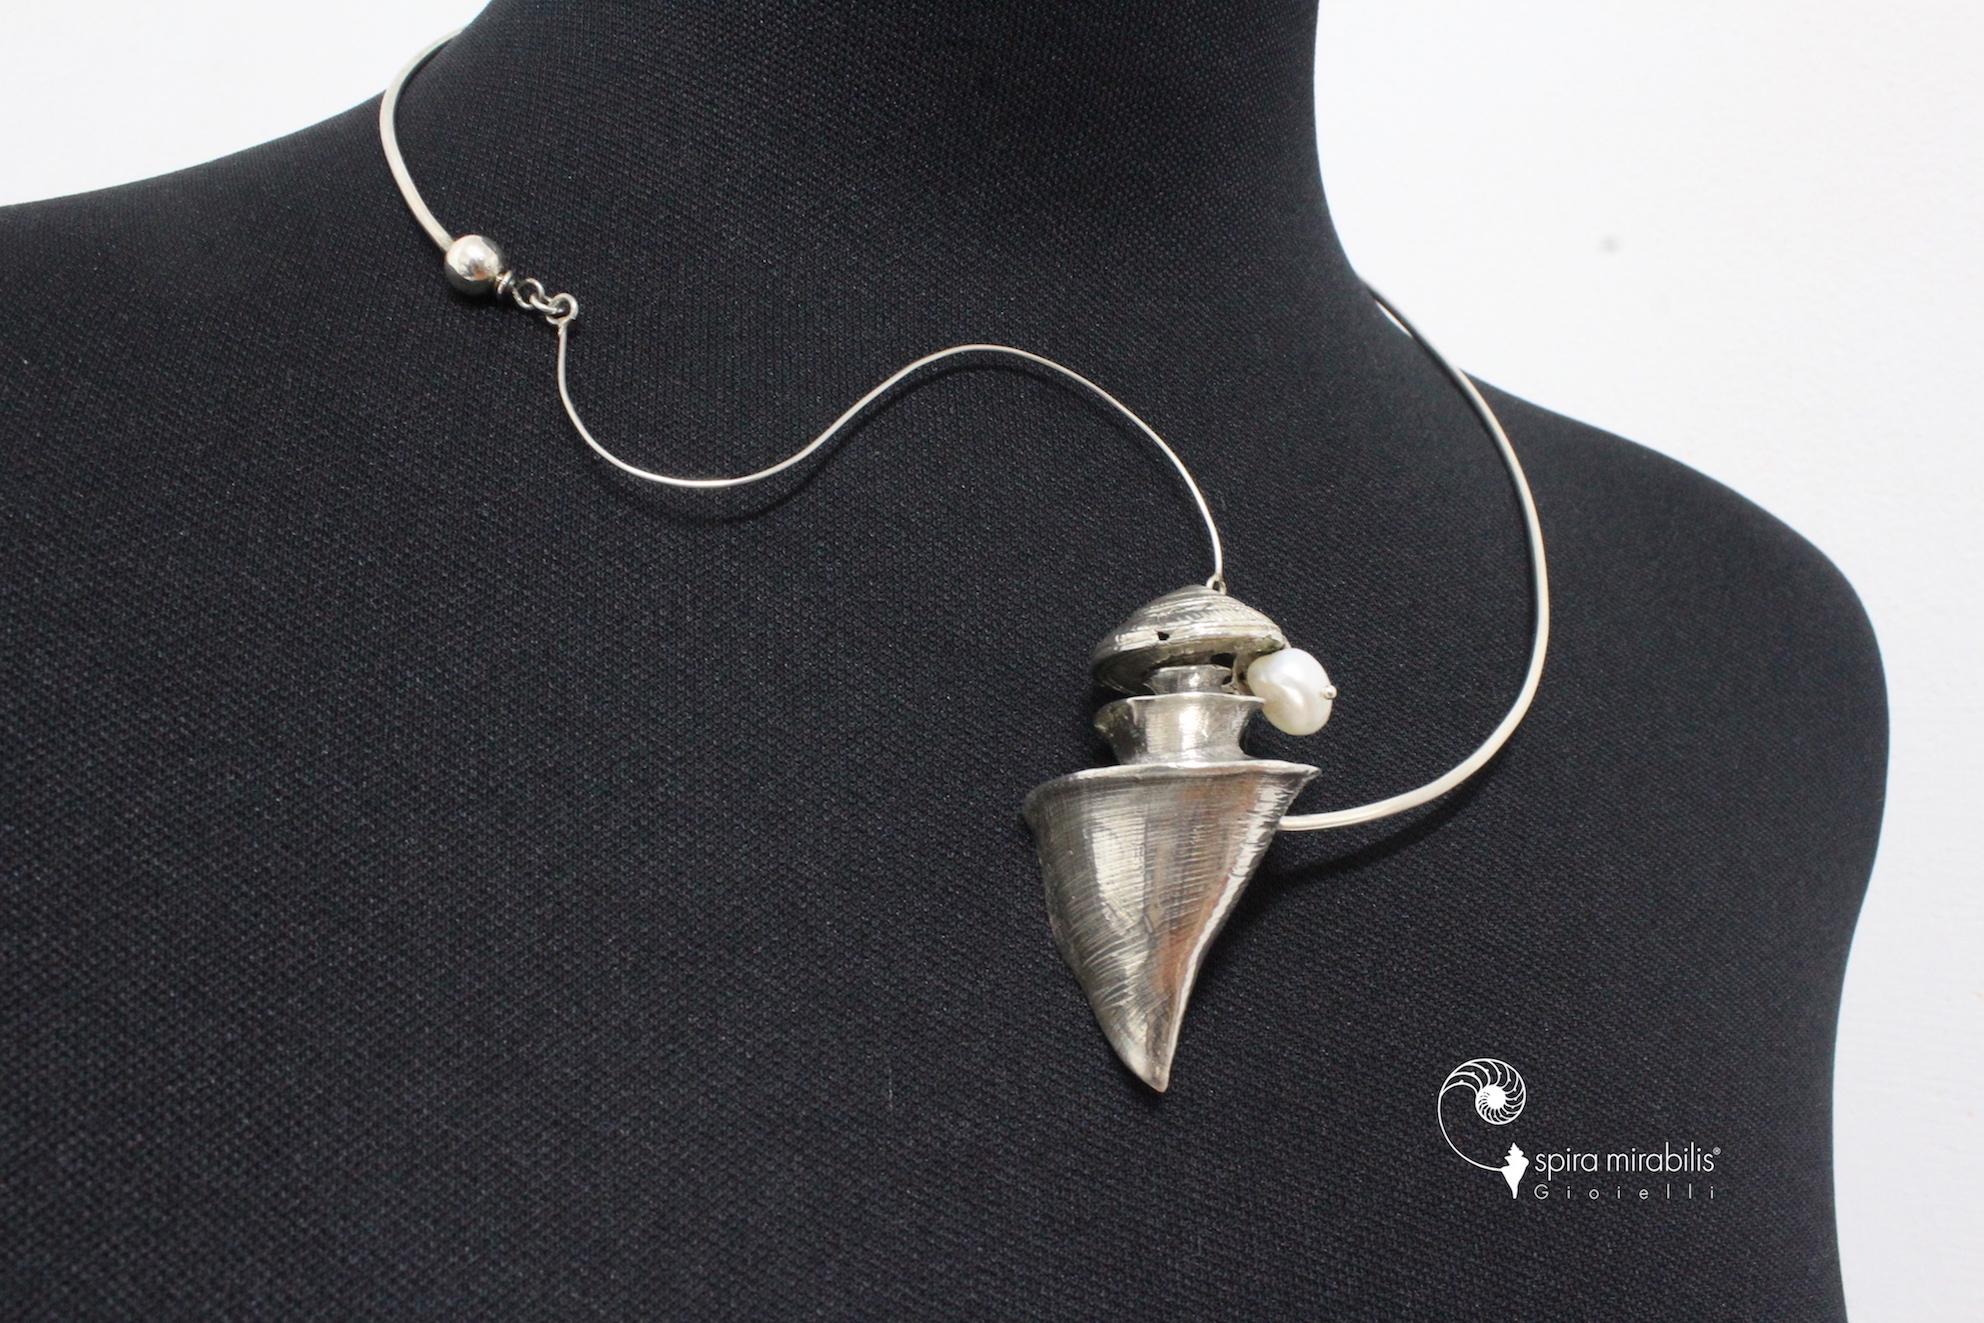 1-spira-mirabilis-collana-argento